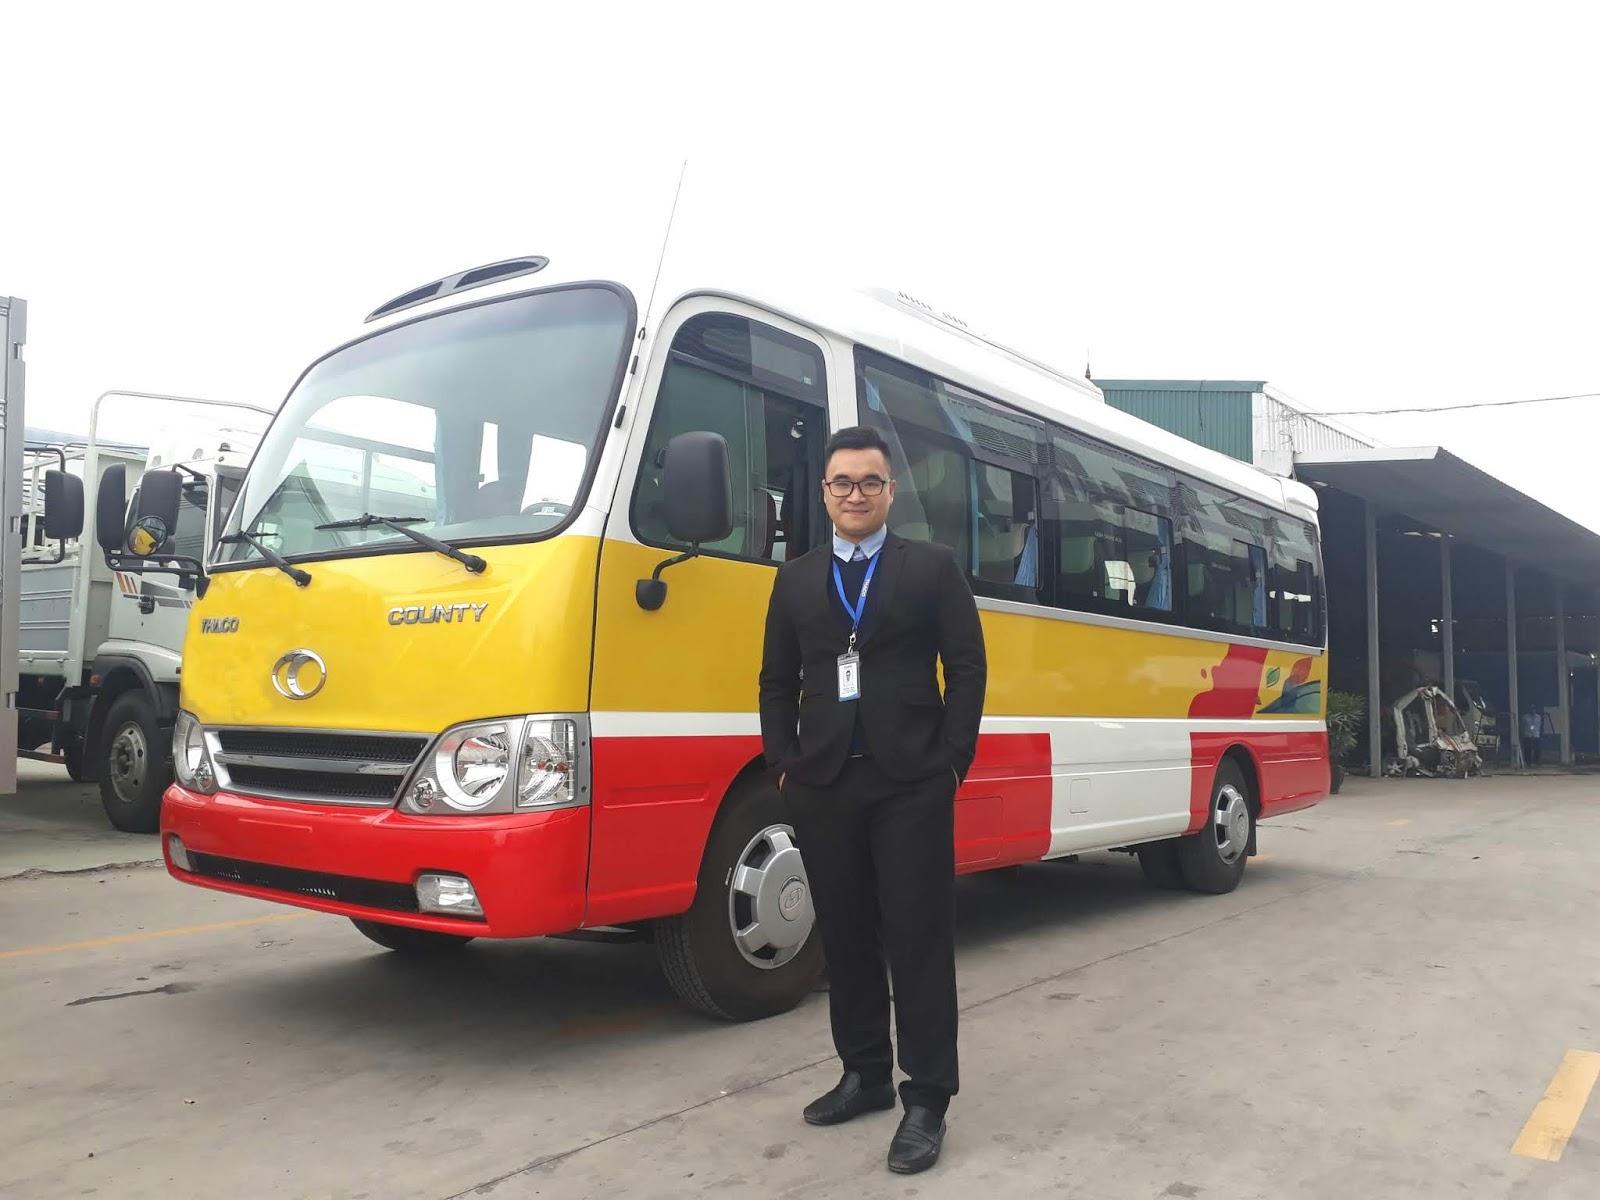 Xe khách 29 chỗ Thaco tại đại lý Trọng Thiện